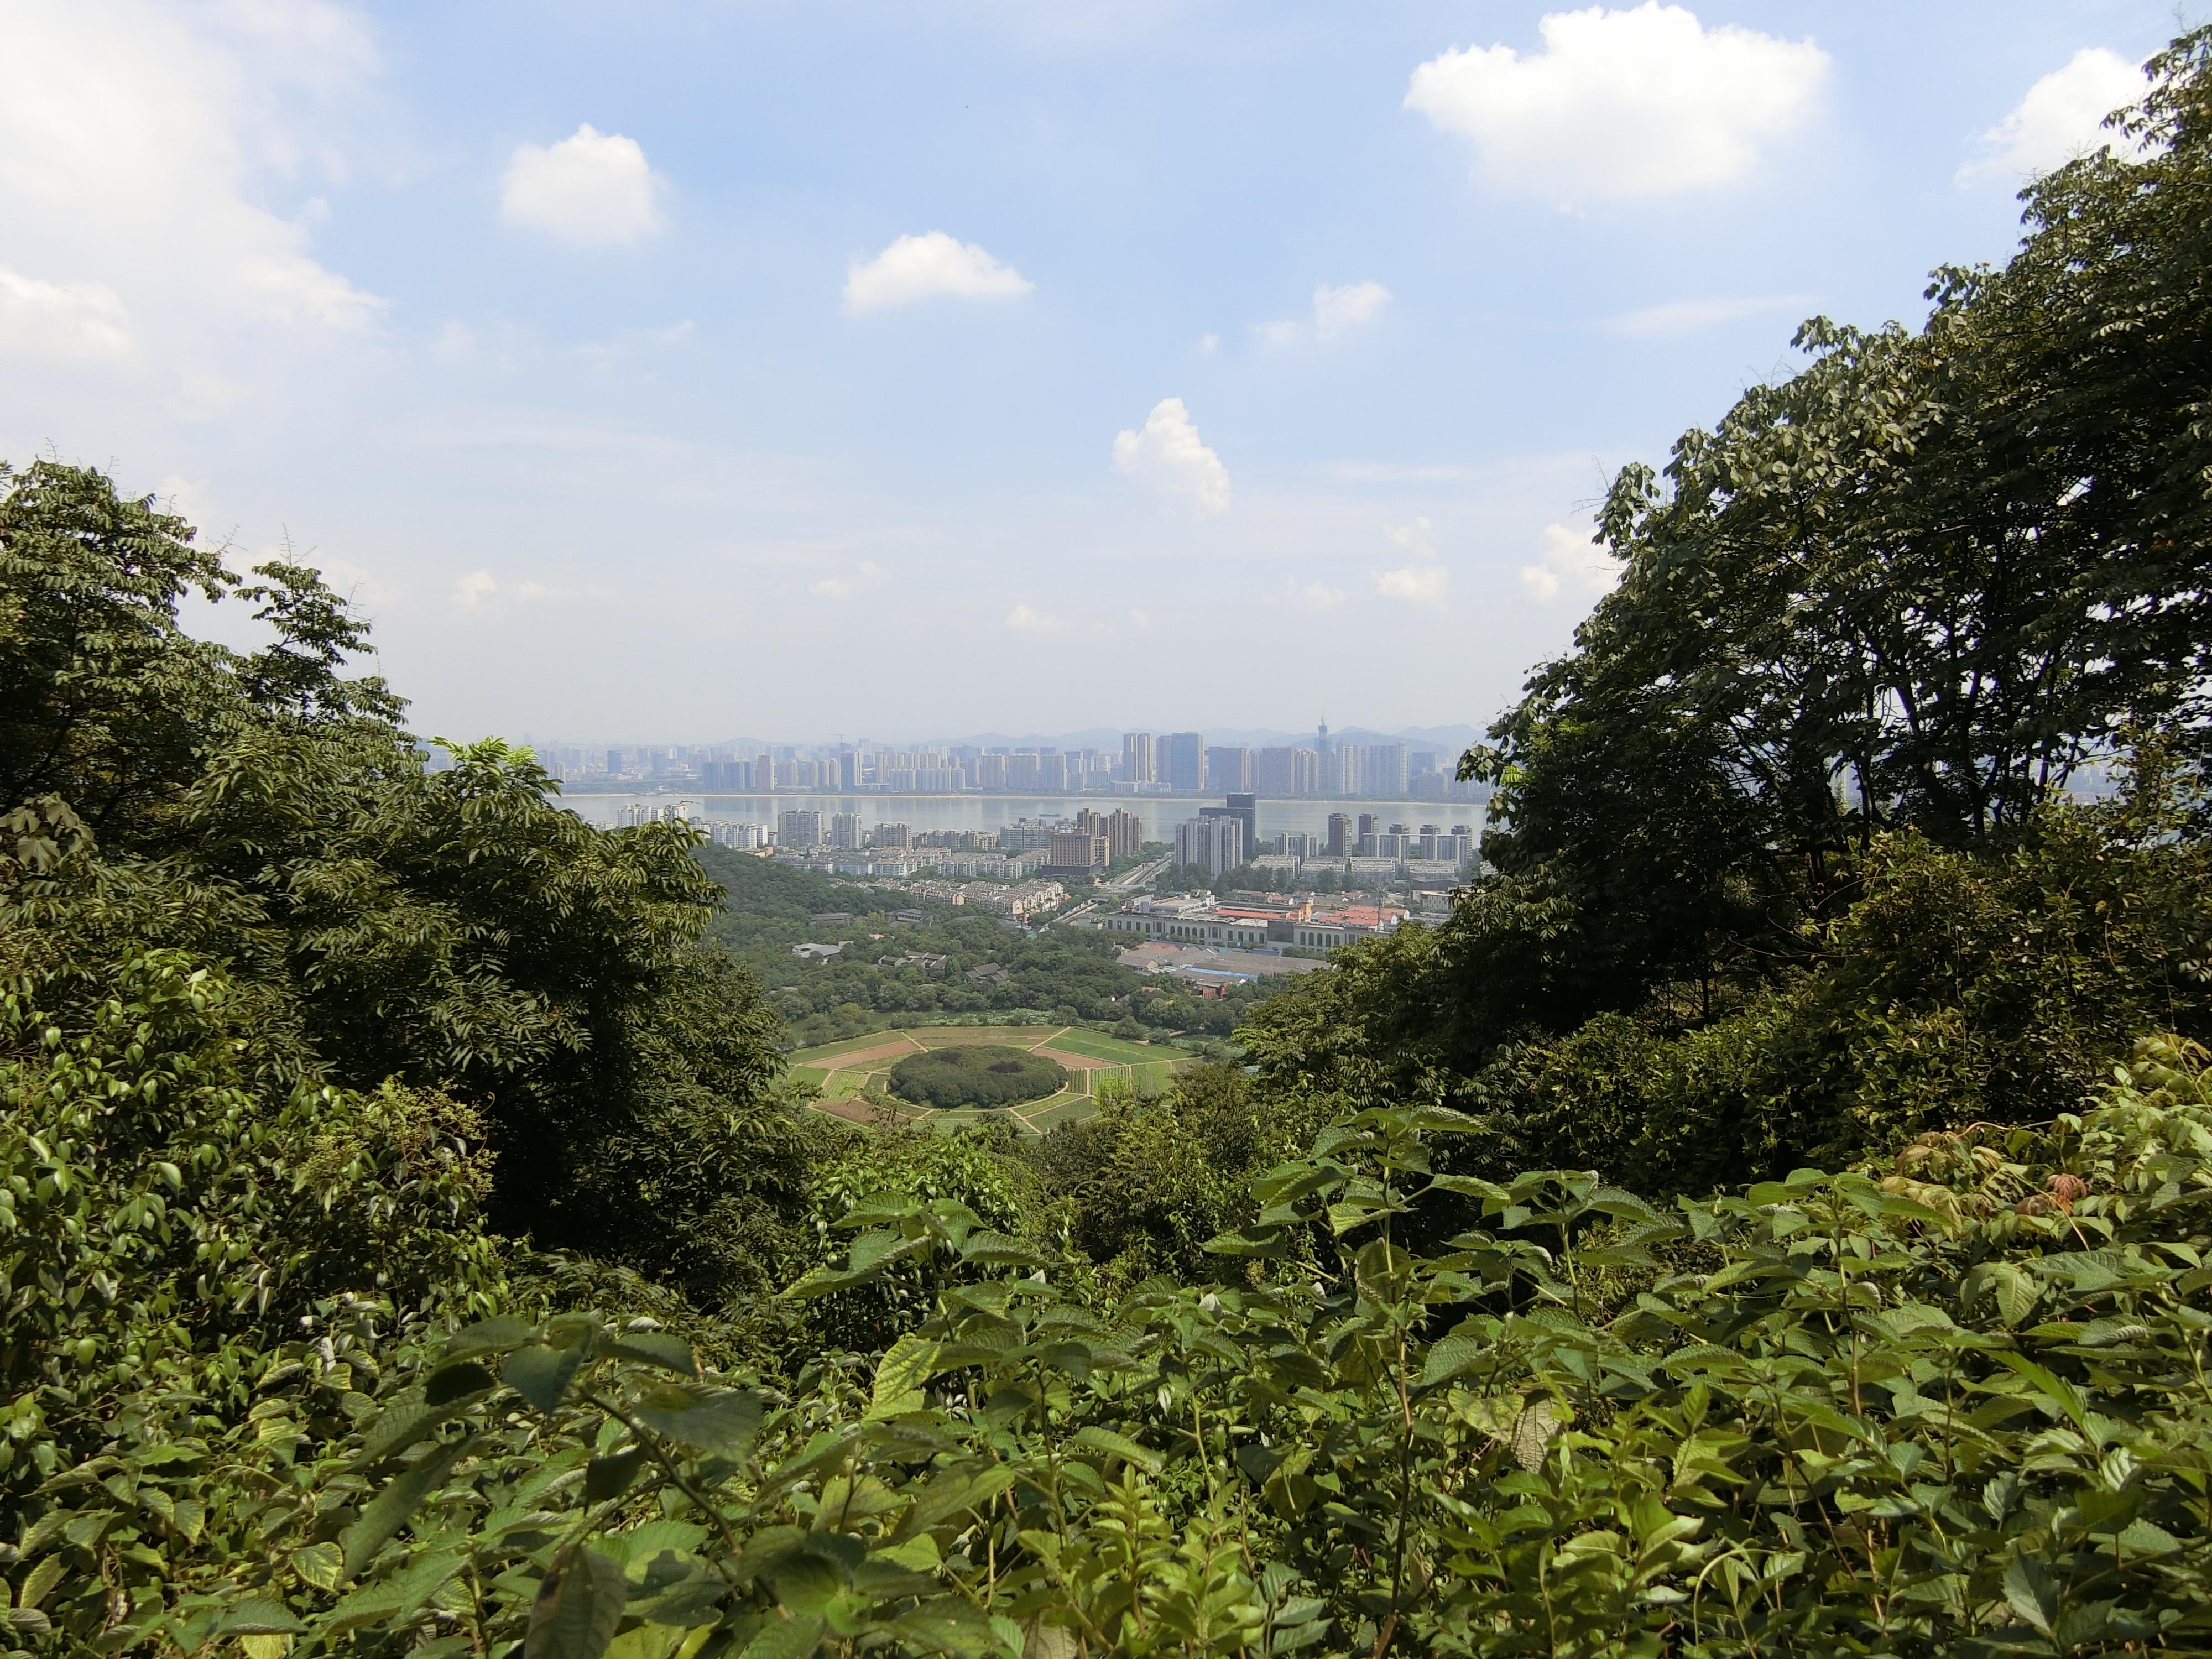 杭州玉皇山和八卦田 Hangzhou jade emperor Hill & Eight Trigram field